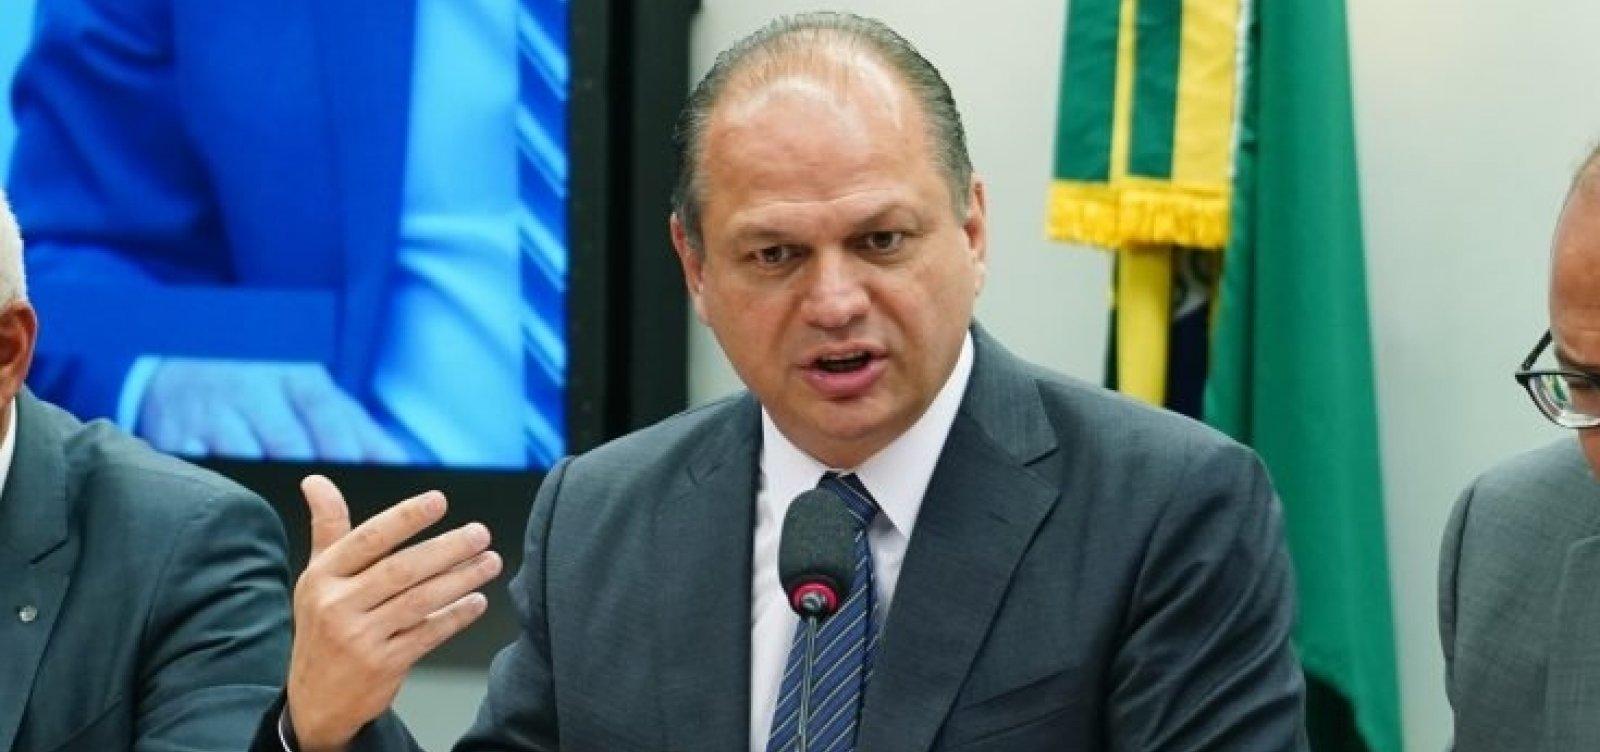 Em meio a recordes de mortes por Covid-19, líder do governo diz que situação do país é 'até confortável'